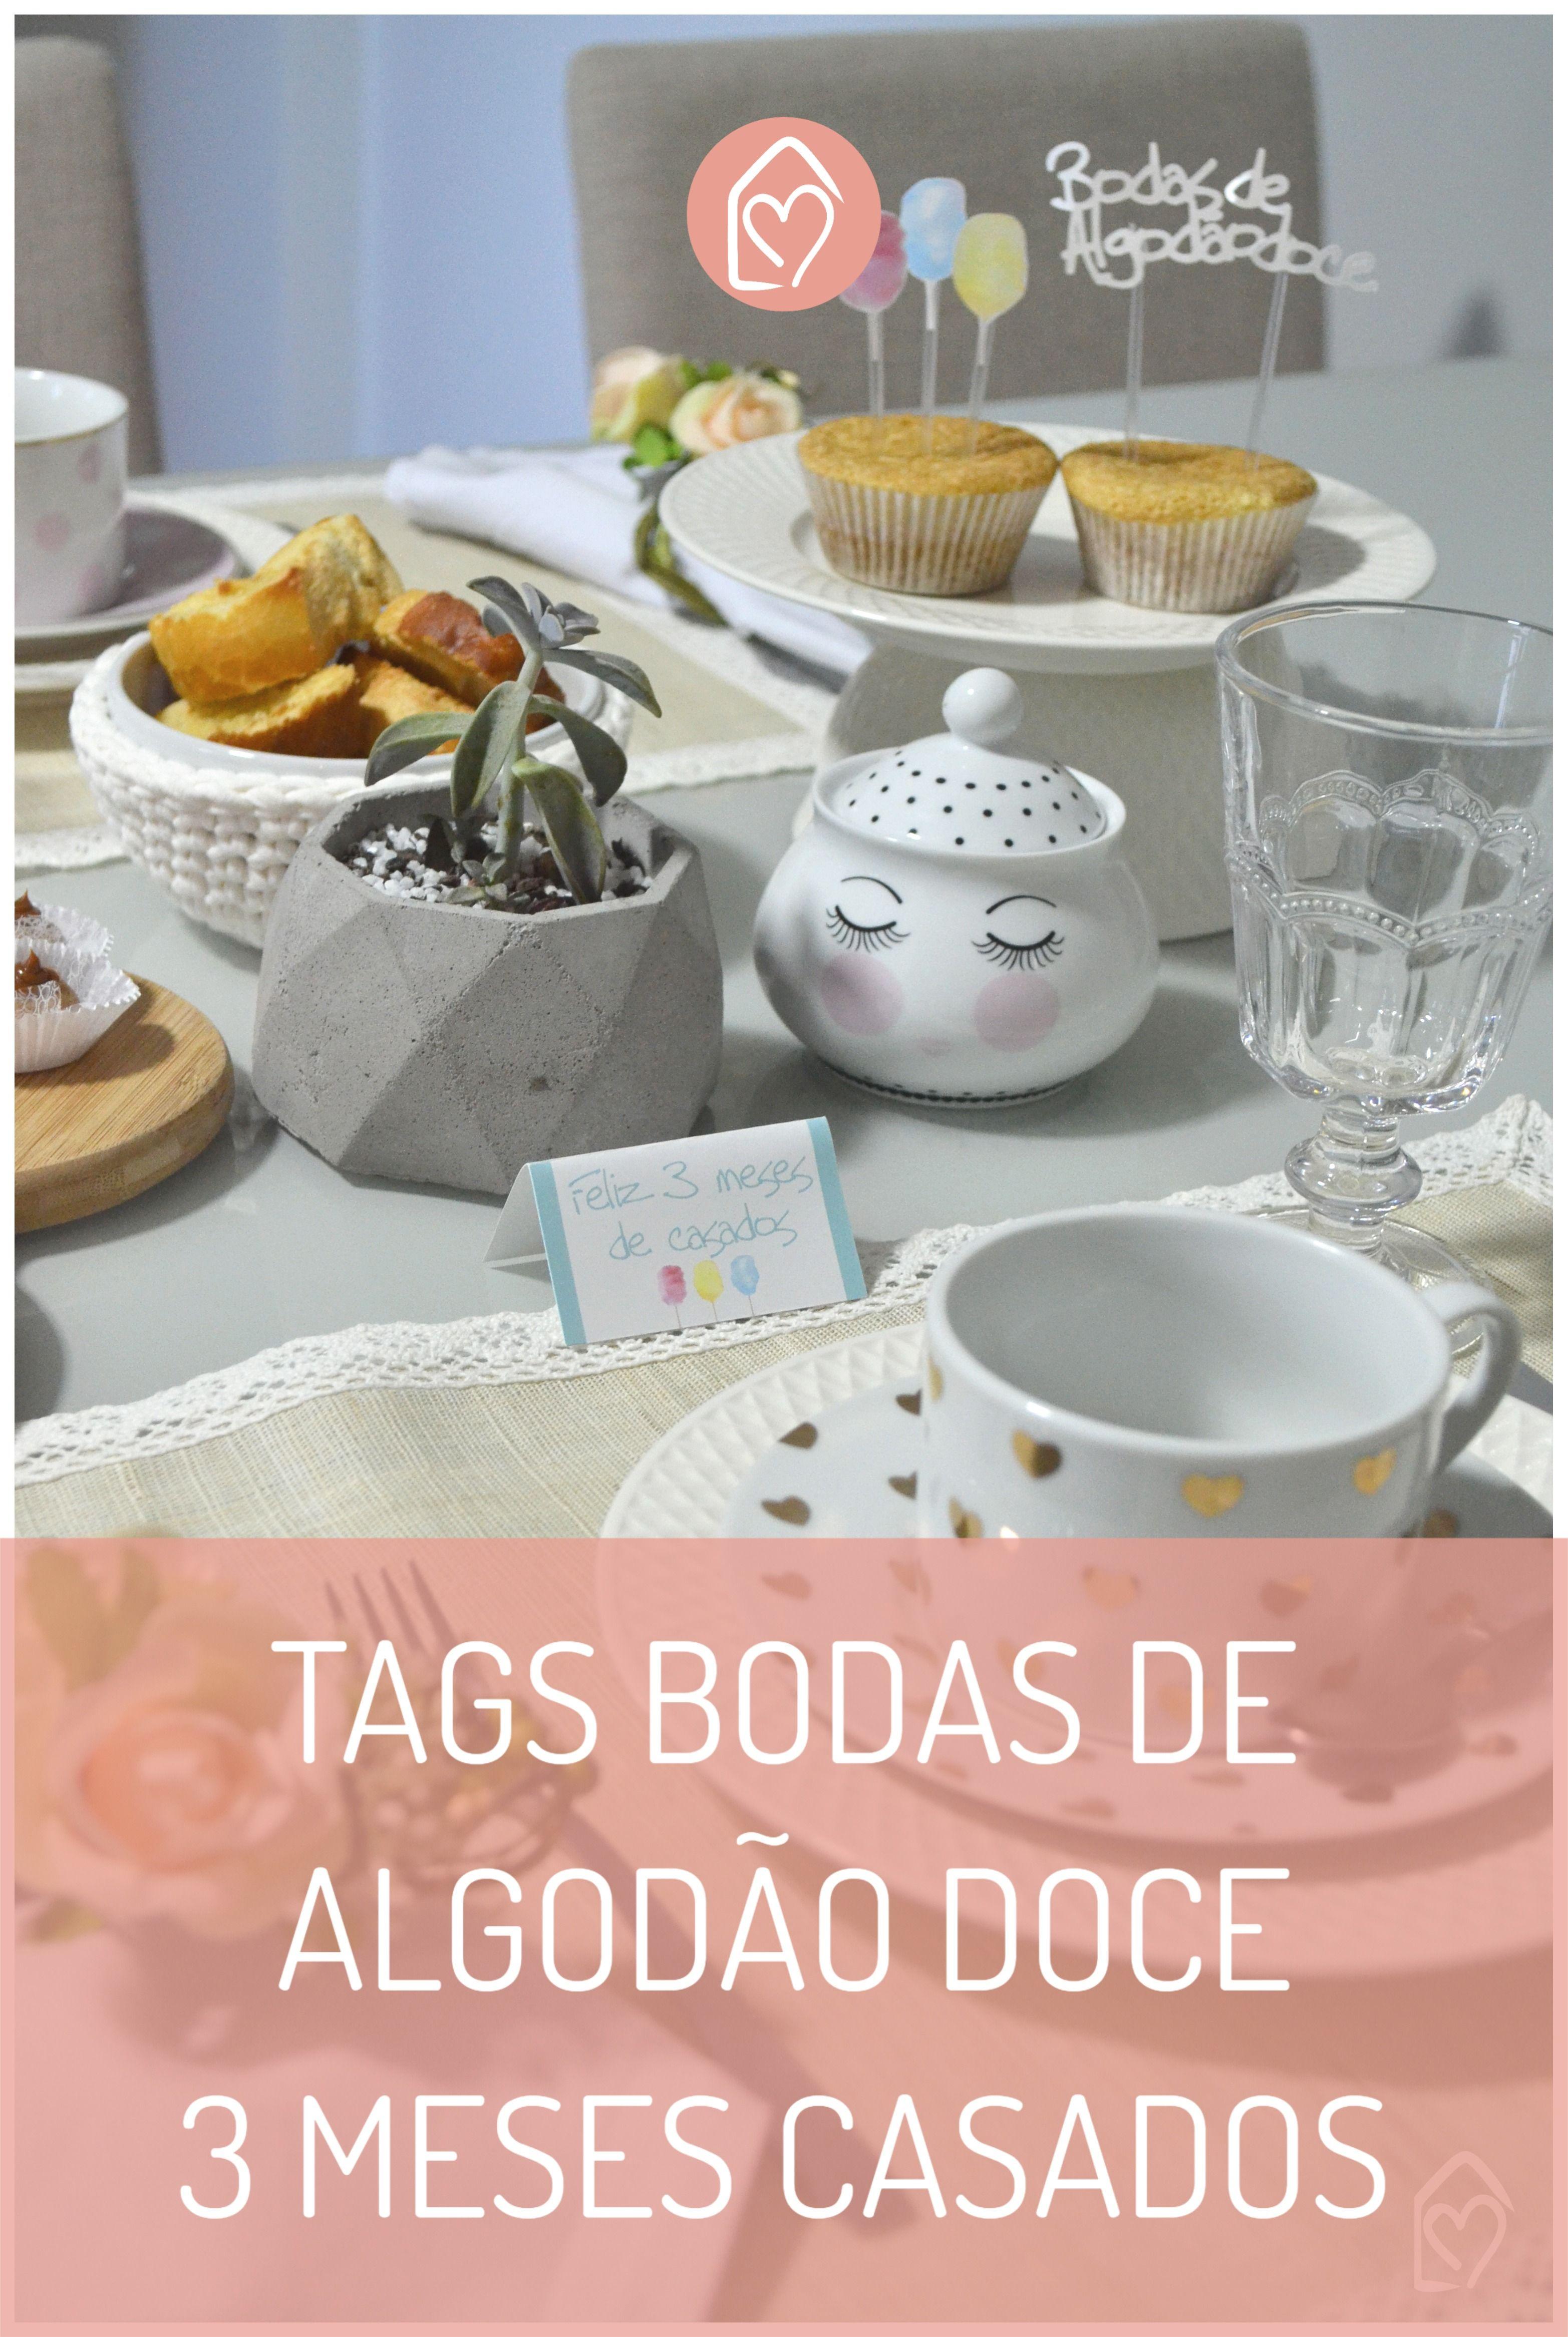 Download Tag Bodas De Algodao Doce Bodas De Algodao Doce Bodas